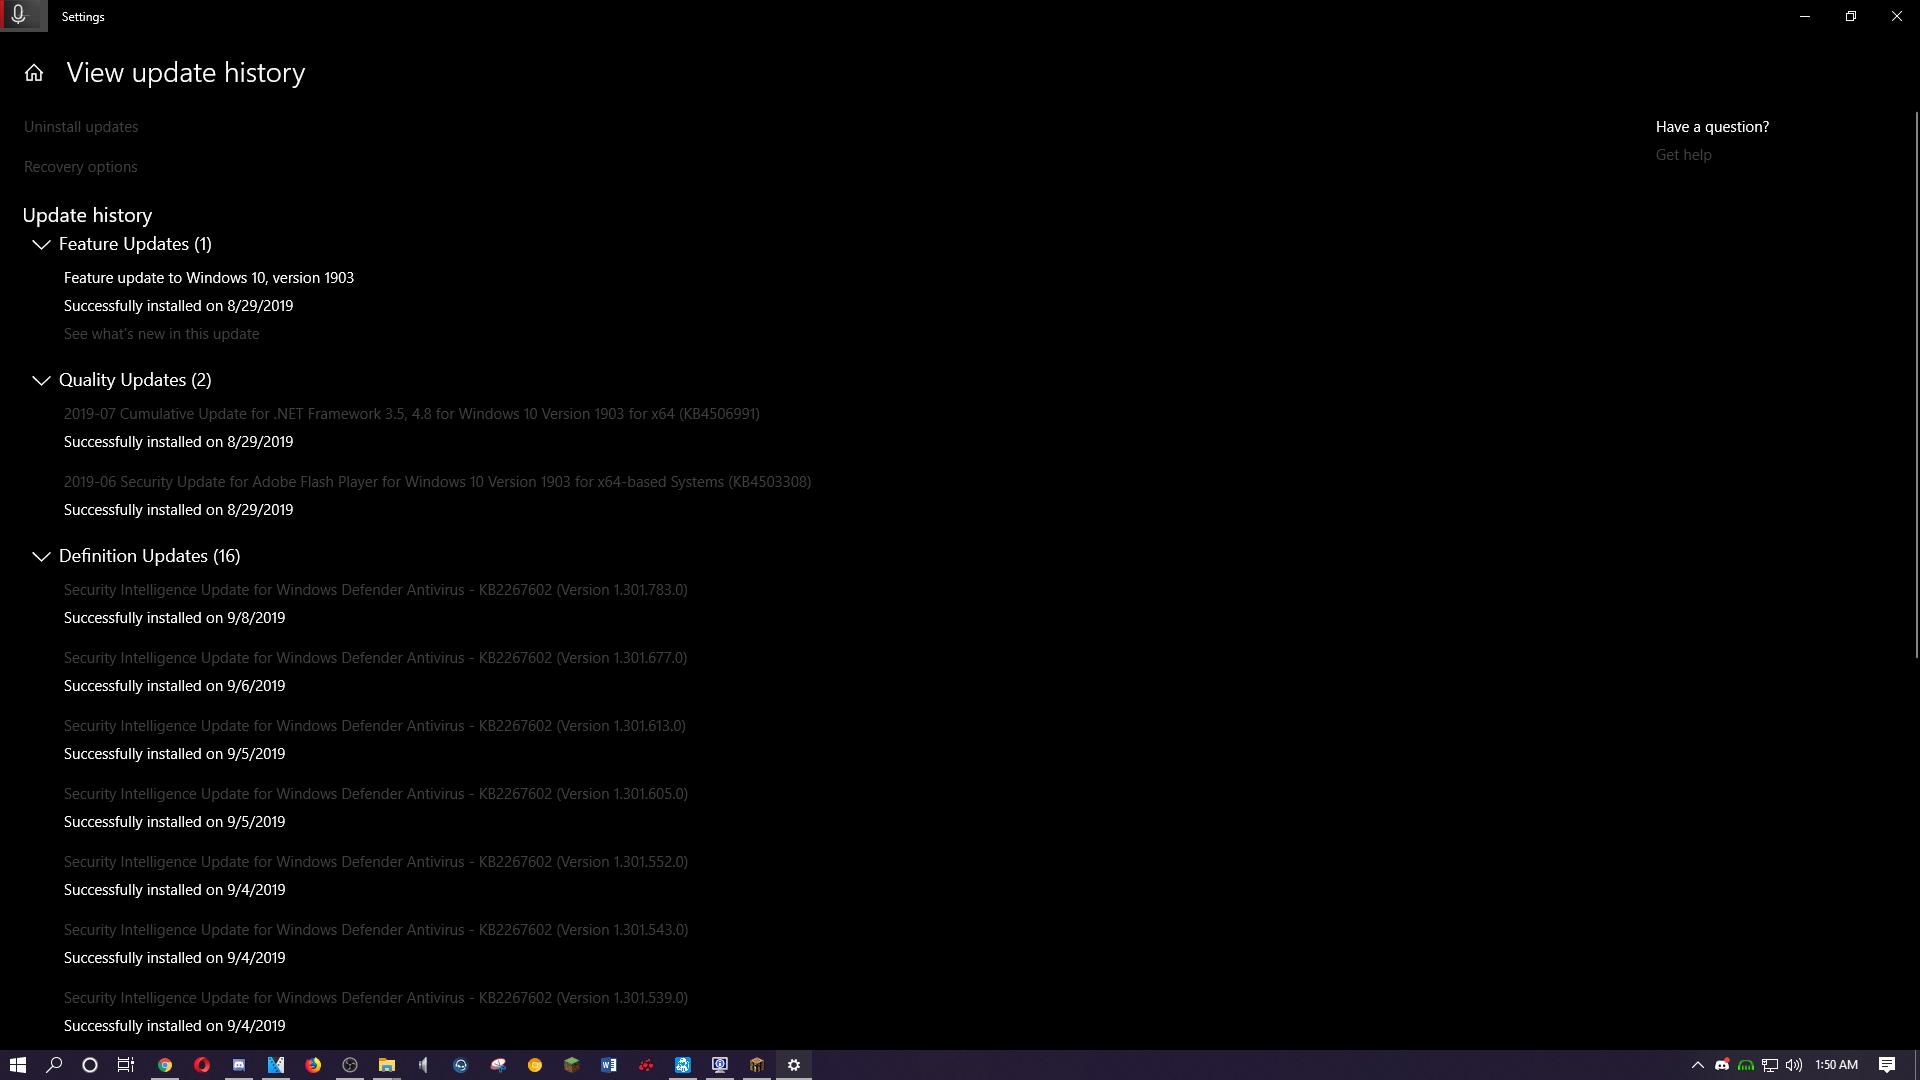 While in Full Screen, my screen goes Black  - Microsoft